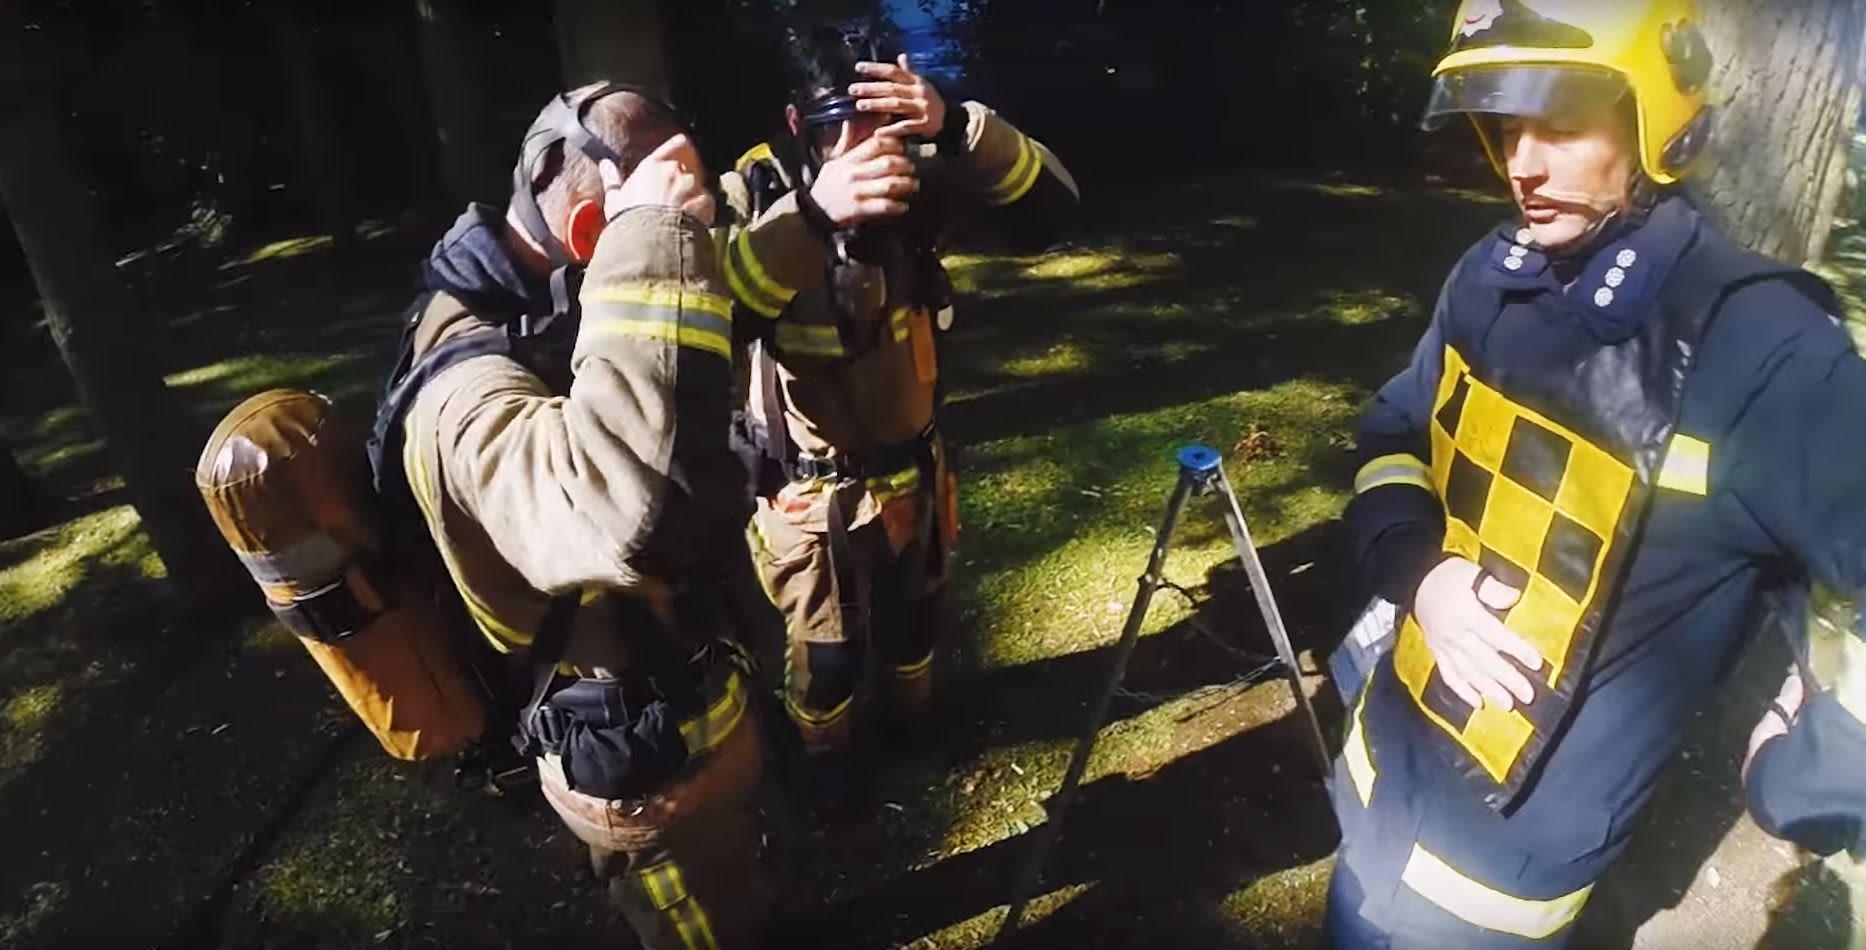 Firefighters in full gear